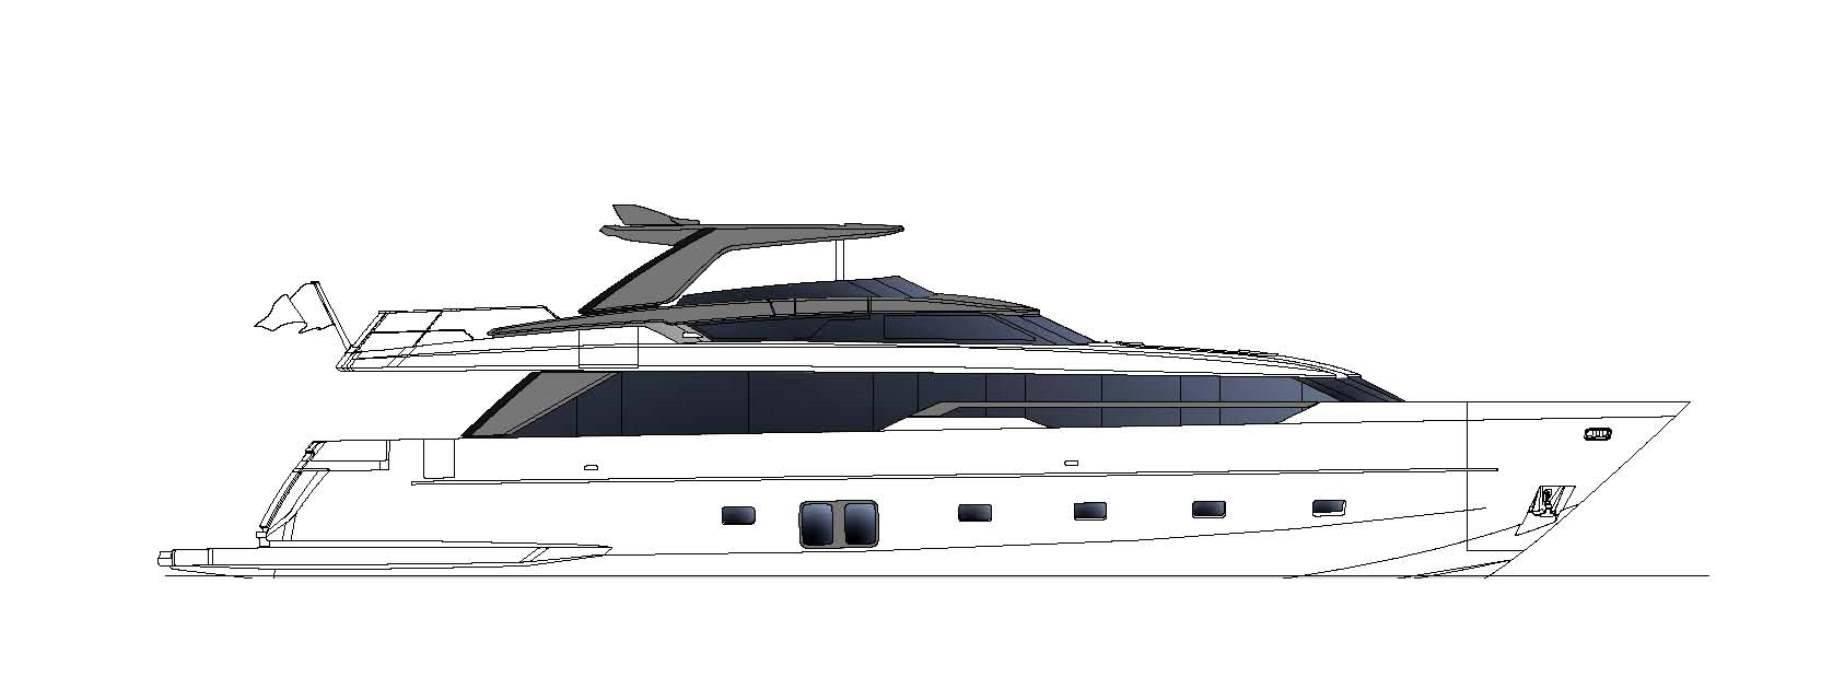 Sanlorenzo Yachts SL96 Asymmetric Perfil